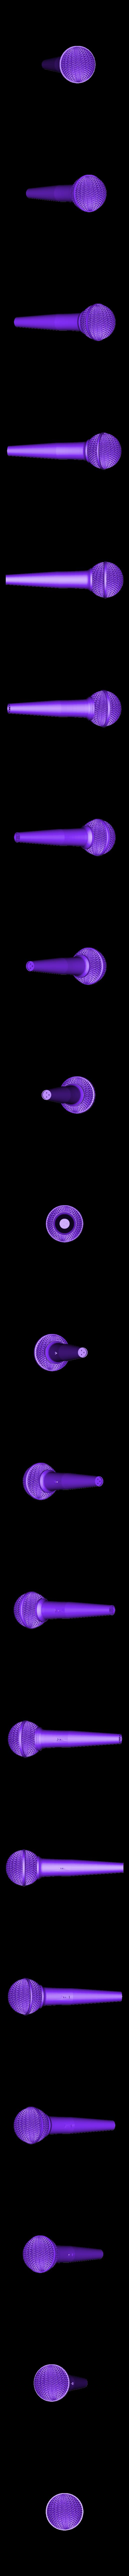 mic.stl Download free OBJ file Mic Test • Design to 3D print, Yipham